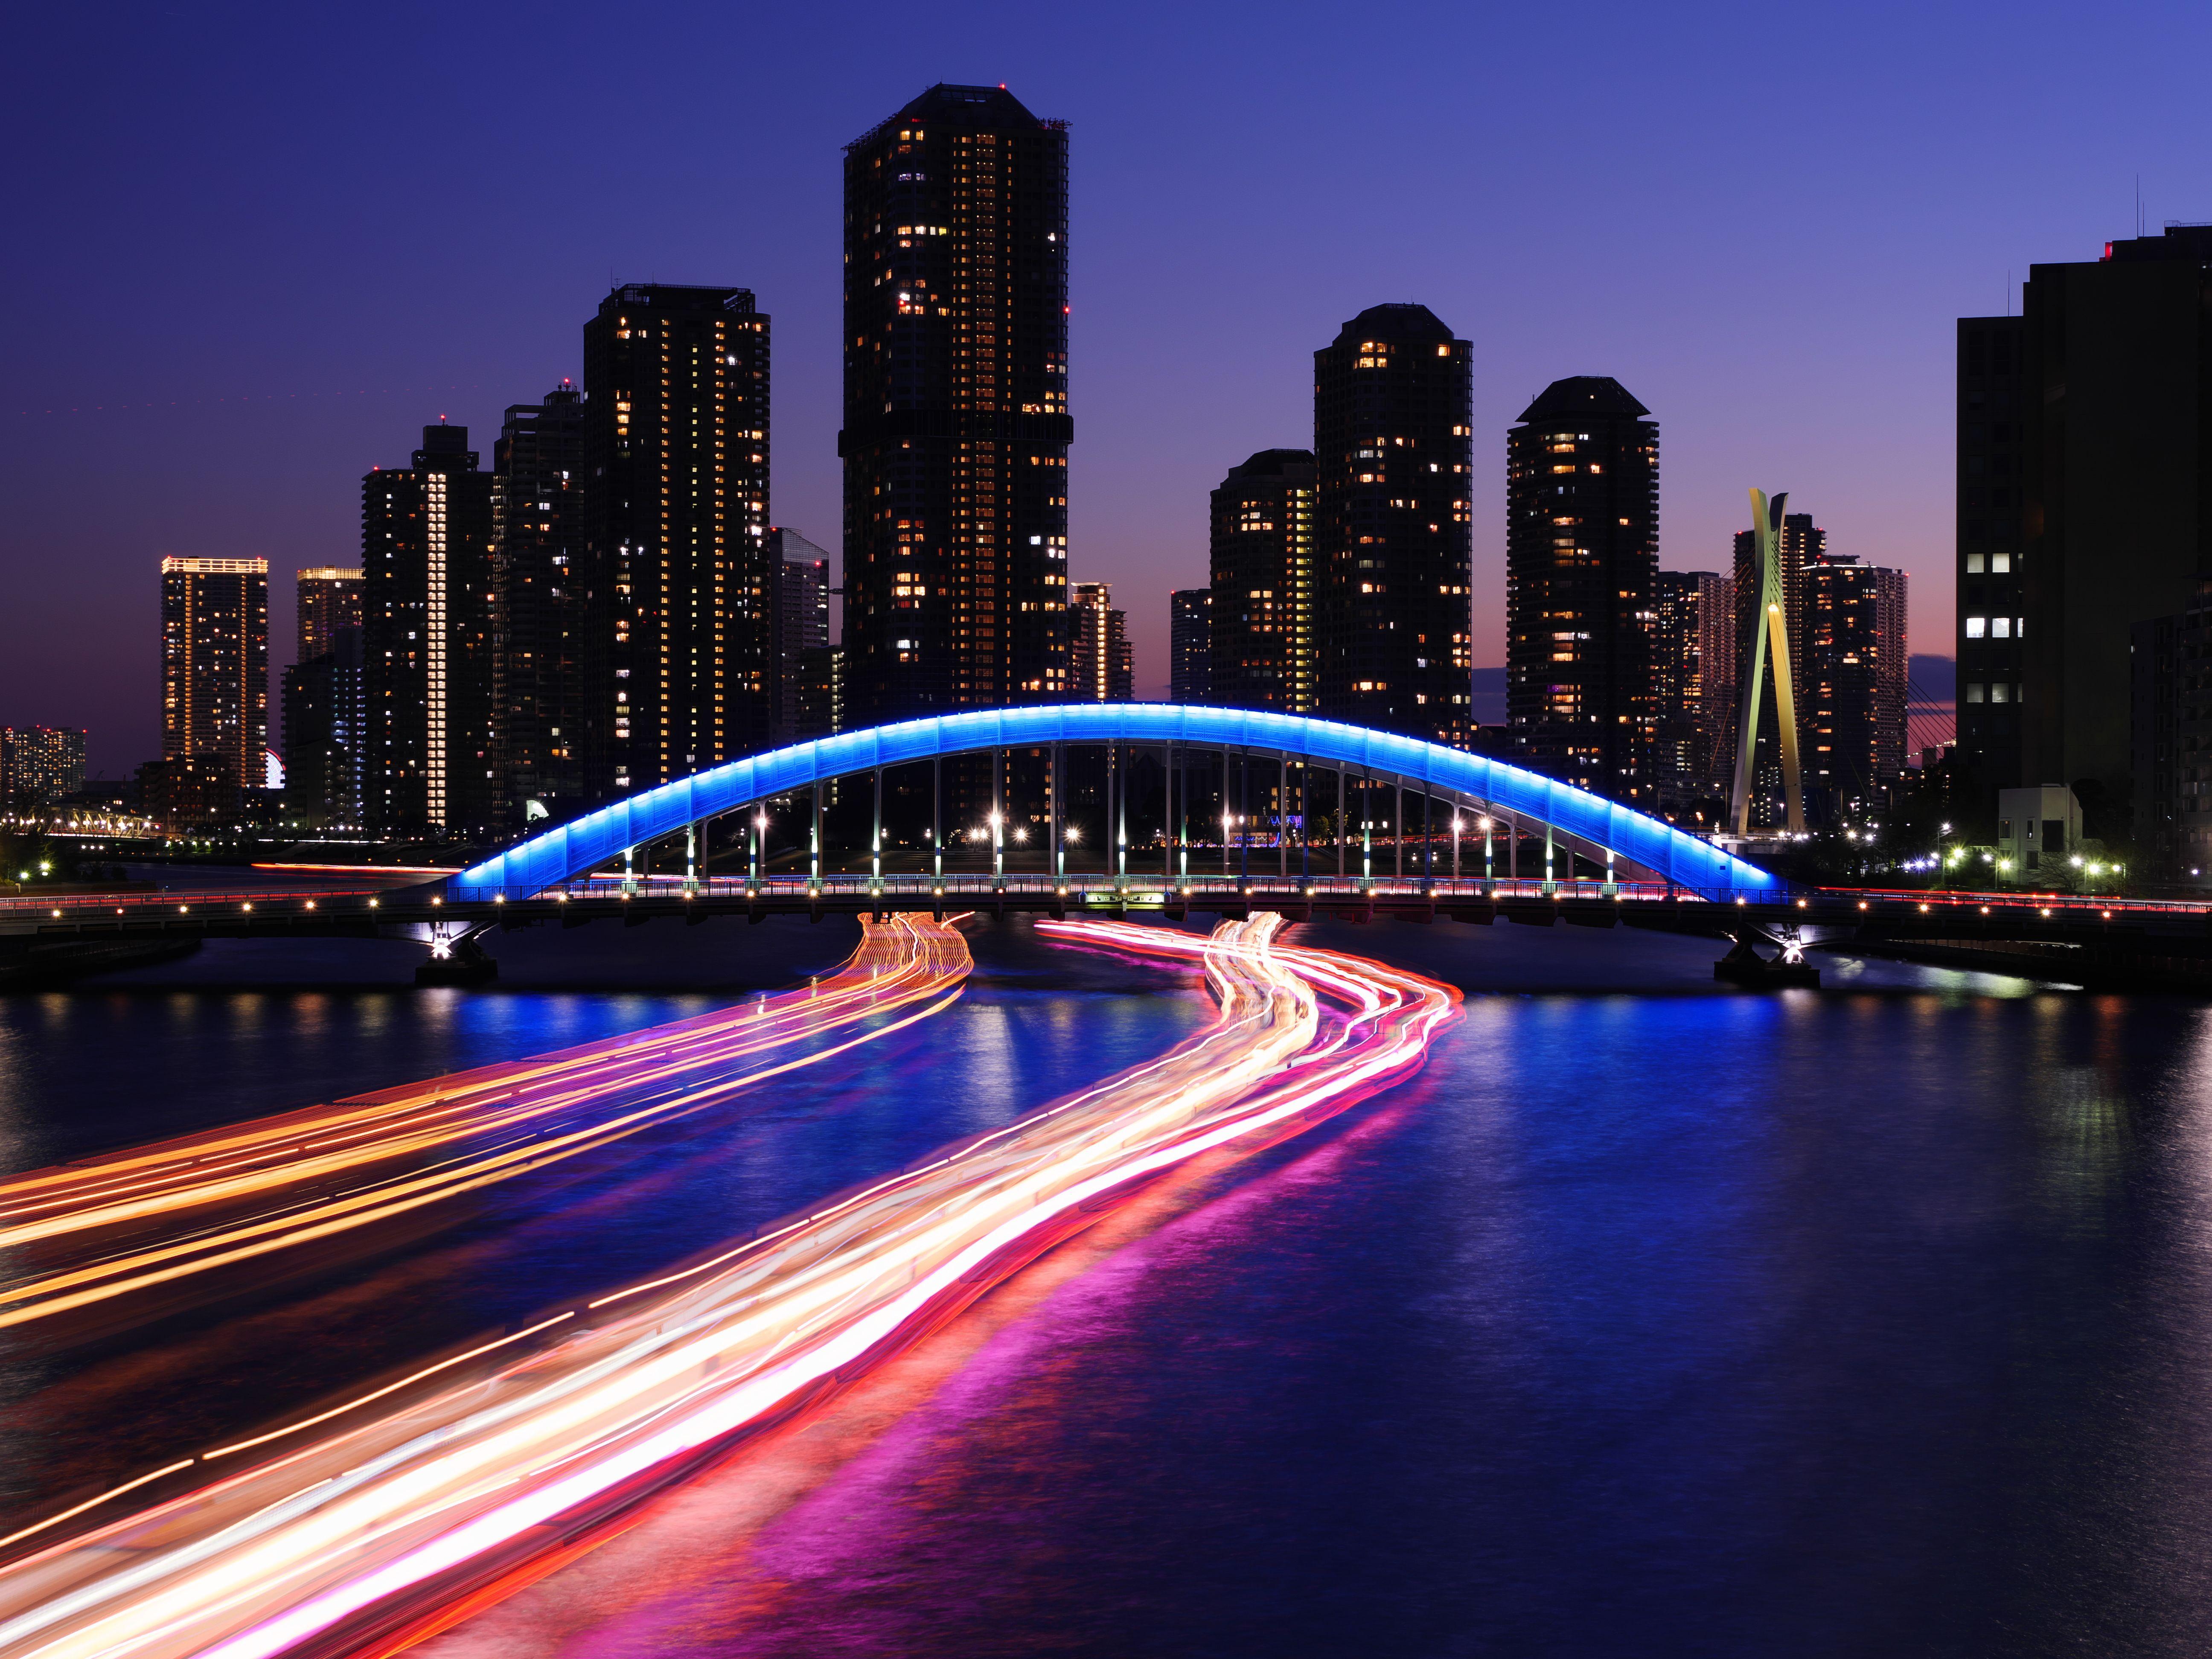 永代橋ライトアップと佃島高層マンション夜景 水上バスの光跡を撮り入れてみました 水上バス 夜景 東京 美しい風景